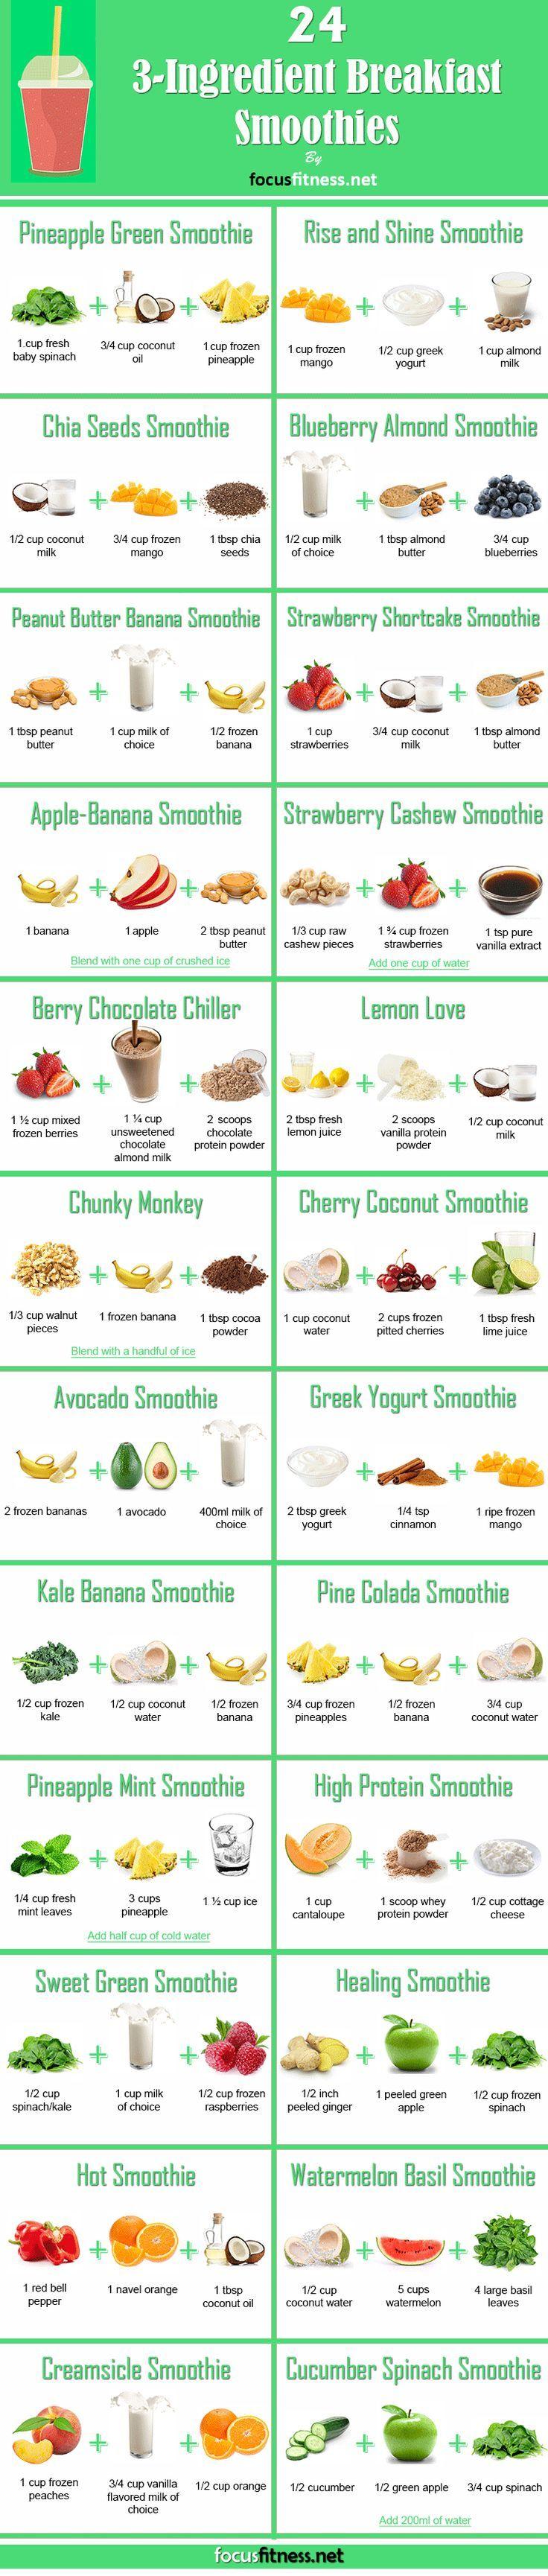 24 3-Zutaten-Frühstückssmoothies zur Gewichtsred…